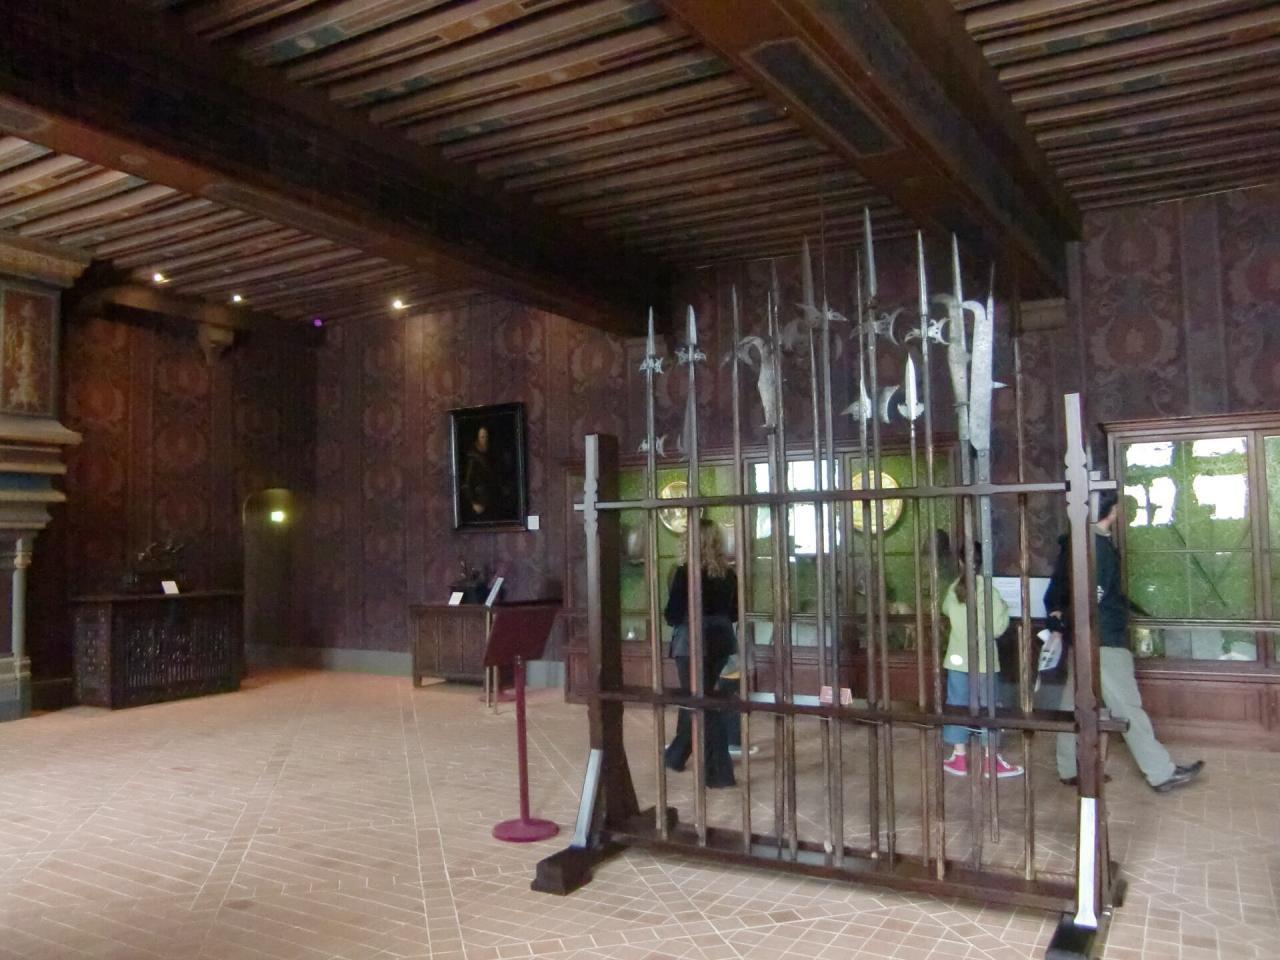 ブロワ城の画像 p1_18